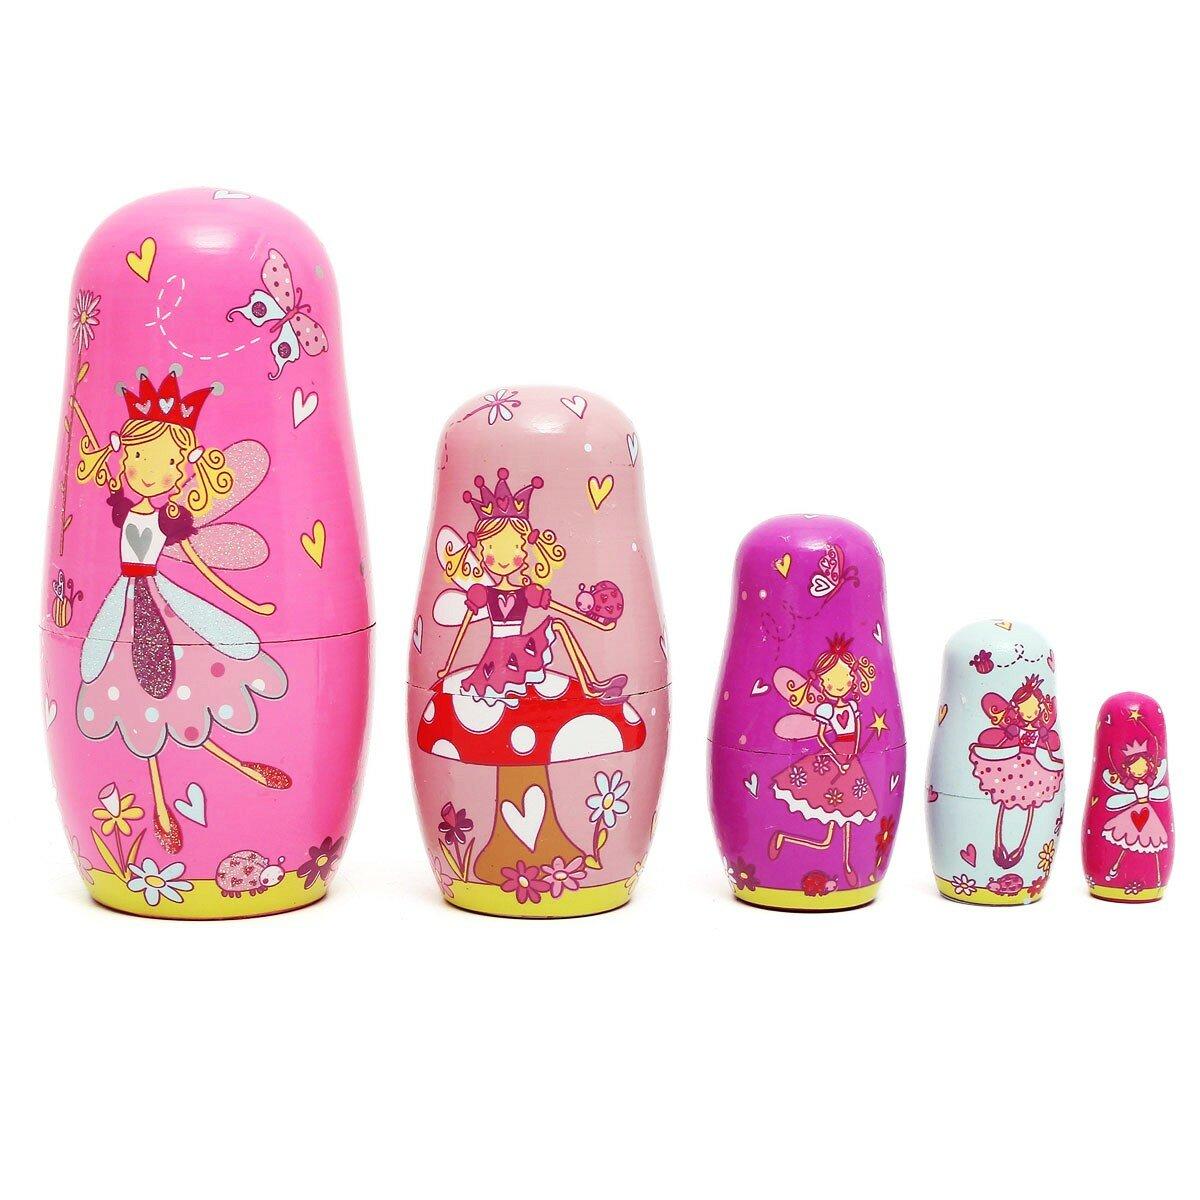 5pcs Wooden Angel Fairy Russian Babushka Matryoshka Nesting Dolls Tricky Toys Creative Gift